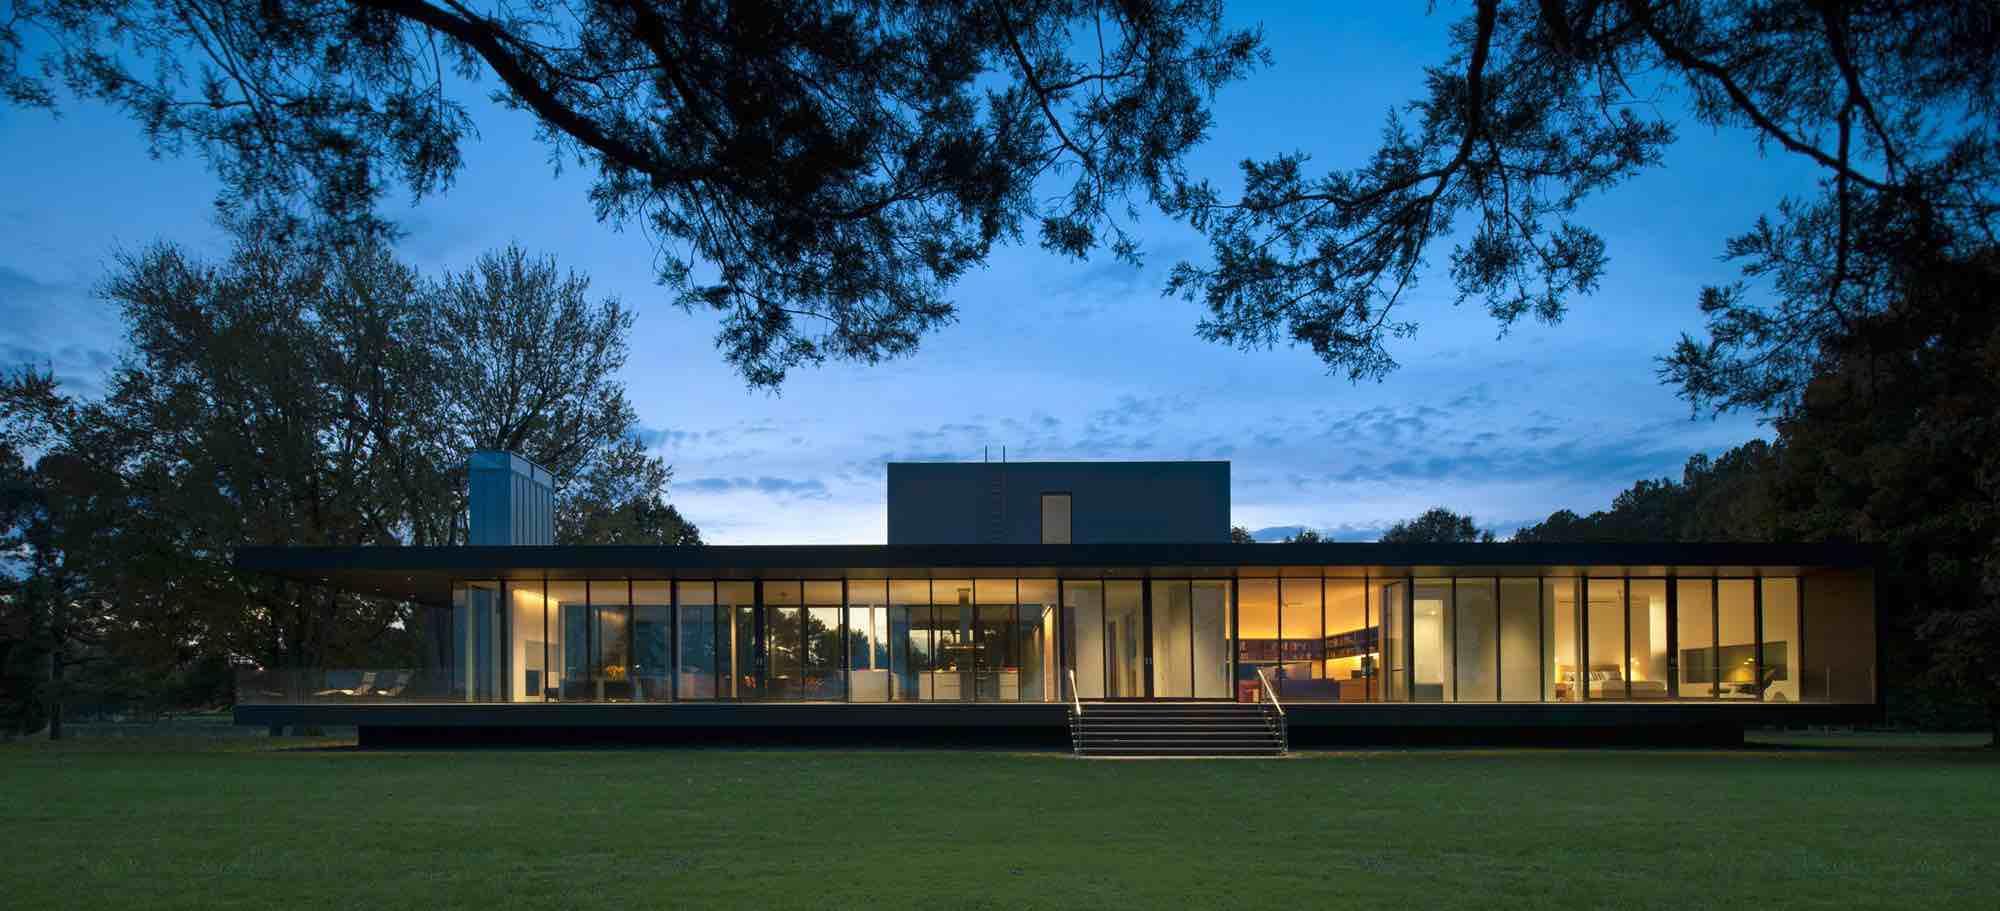 tred-avon-river-house-robert-m-gurney-architect_mackenzie-gurney-guttmanresidence-16